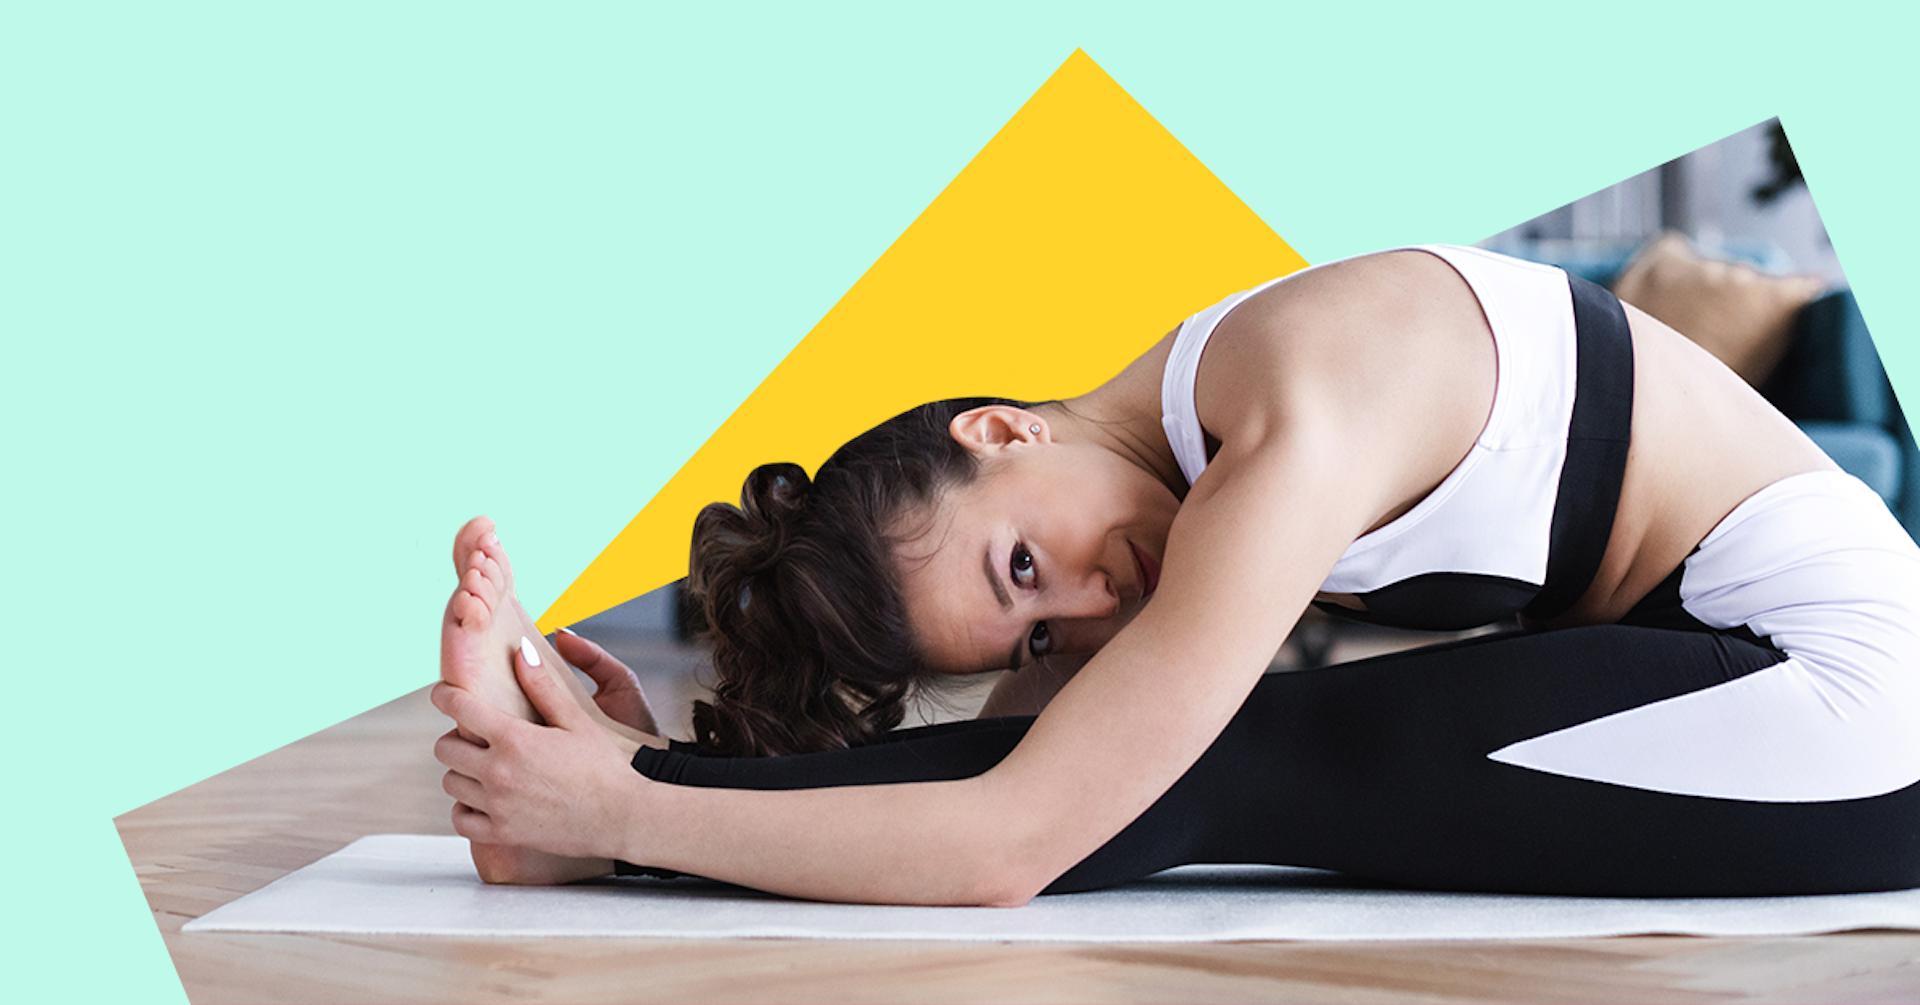 Yoga on-line? Quero começar a praticar em casa